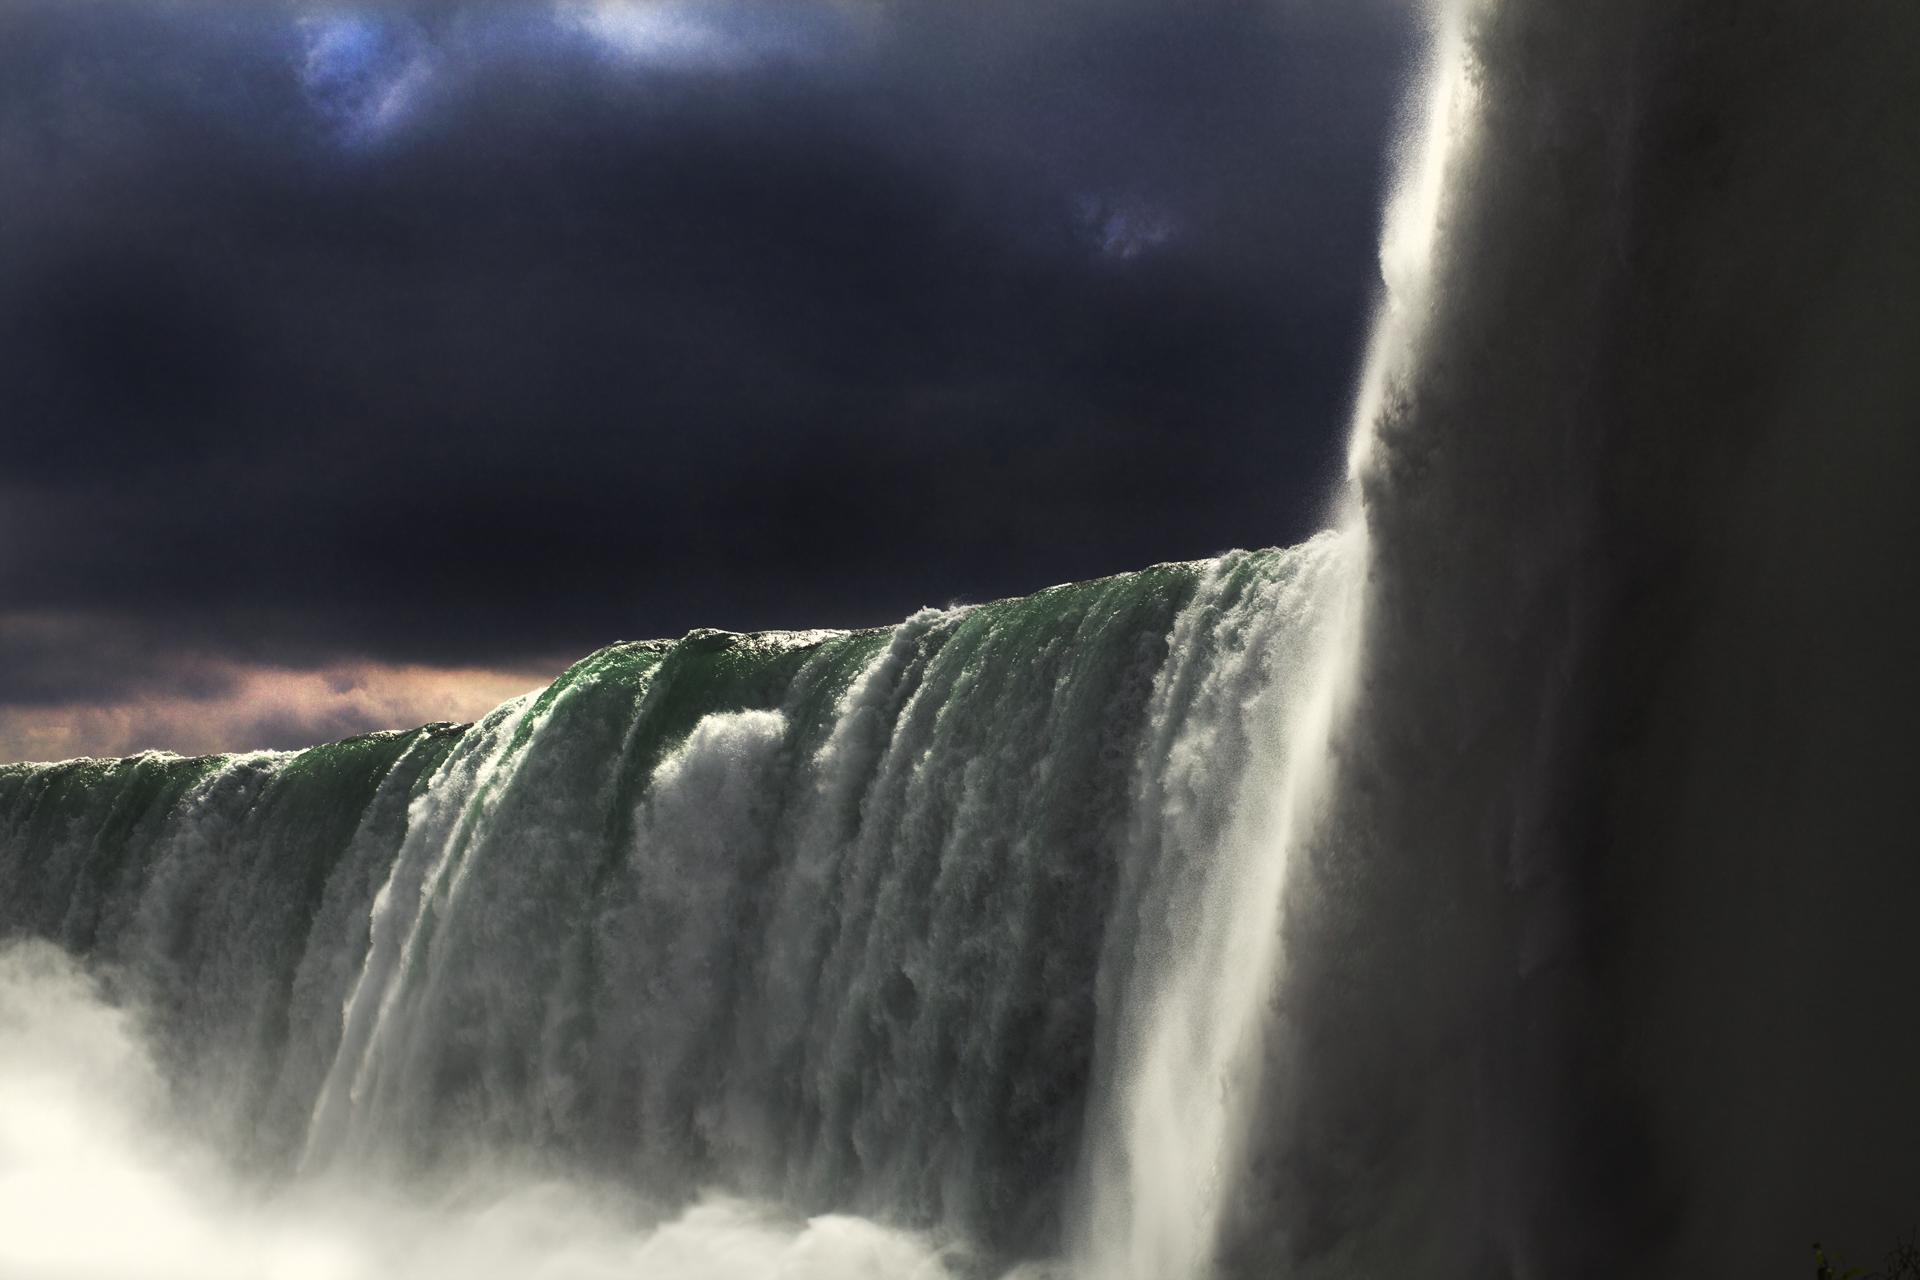 Niagara Falls [1920 x 1280] [OC]